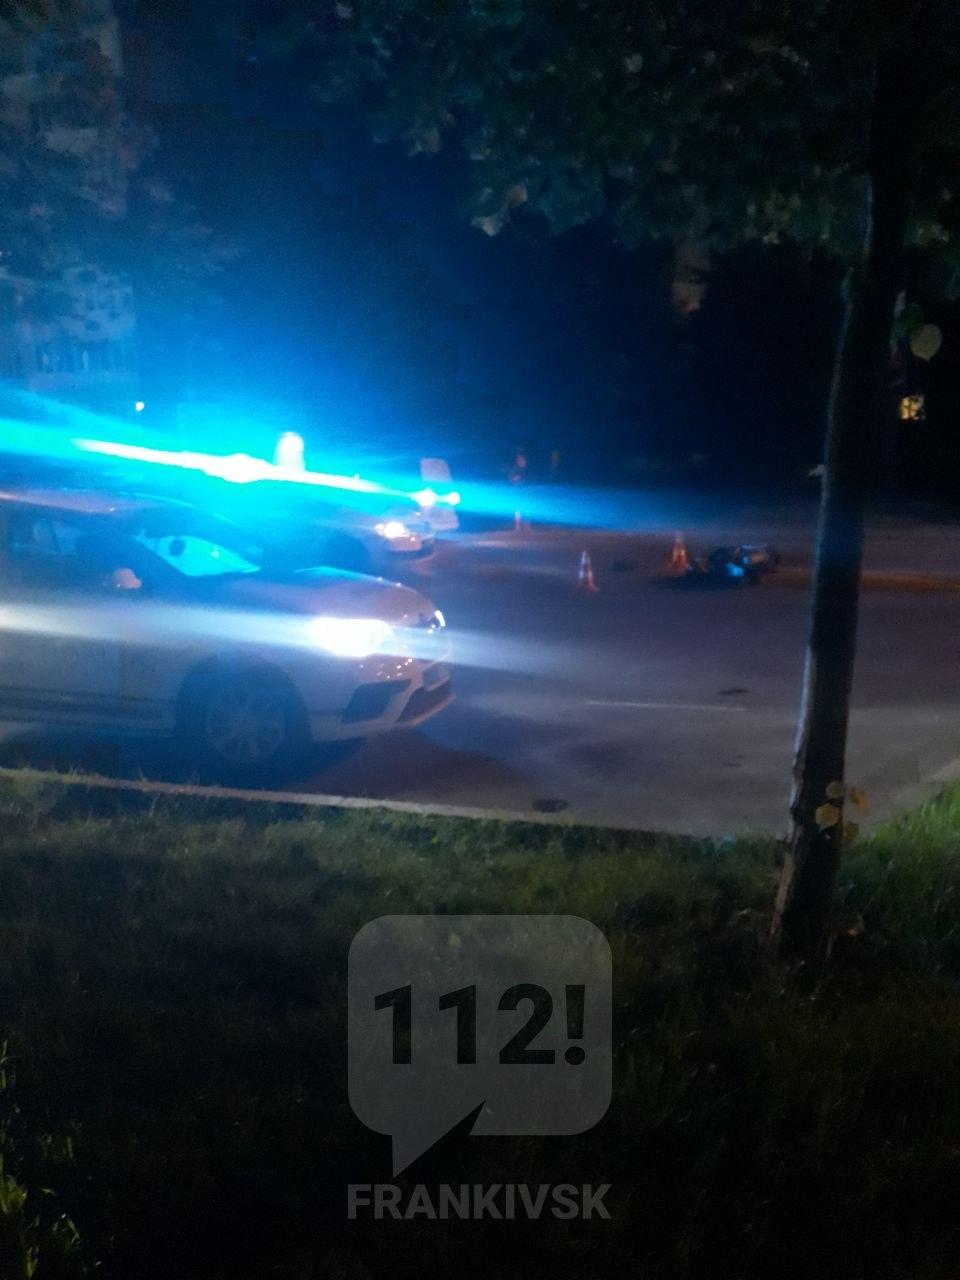 Вночі у Франківську водій збив неповнолітнього на скутері: обоє порушували (ФОТОФАКТ)